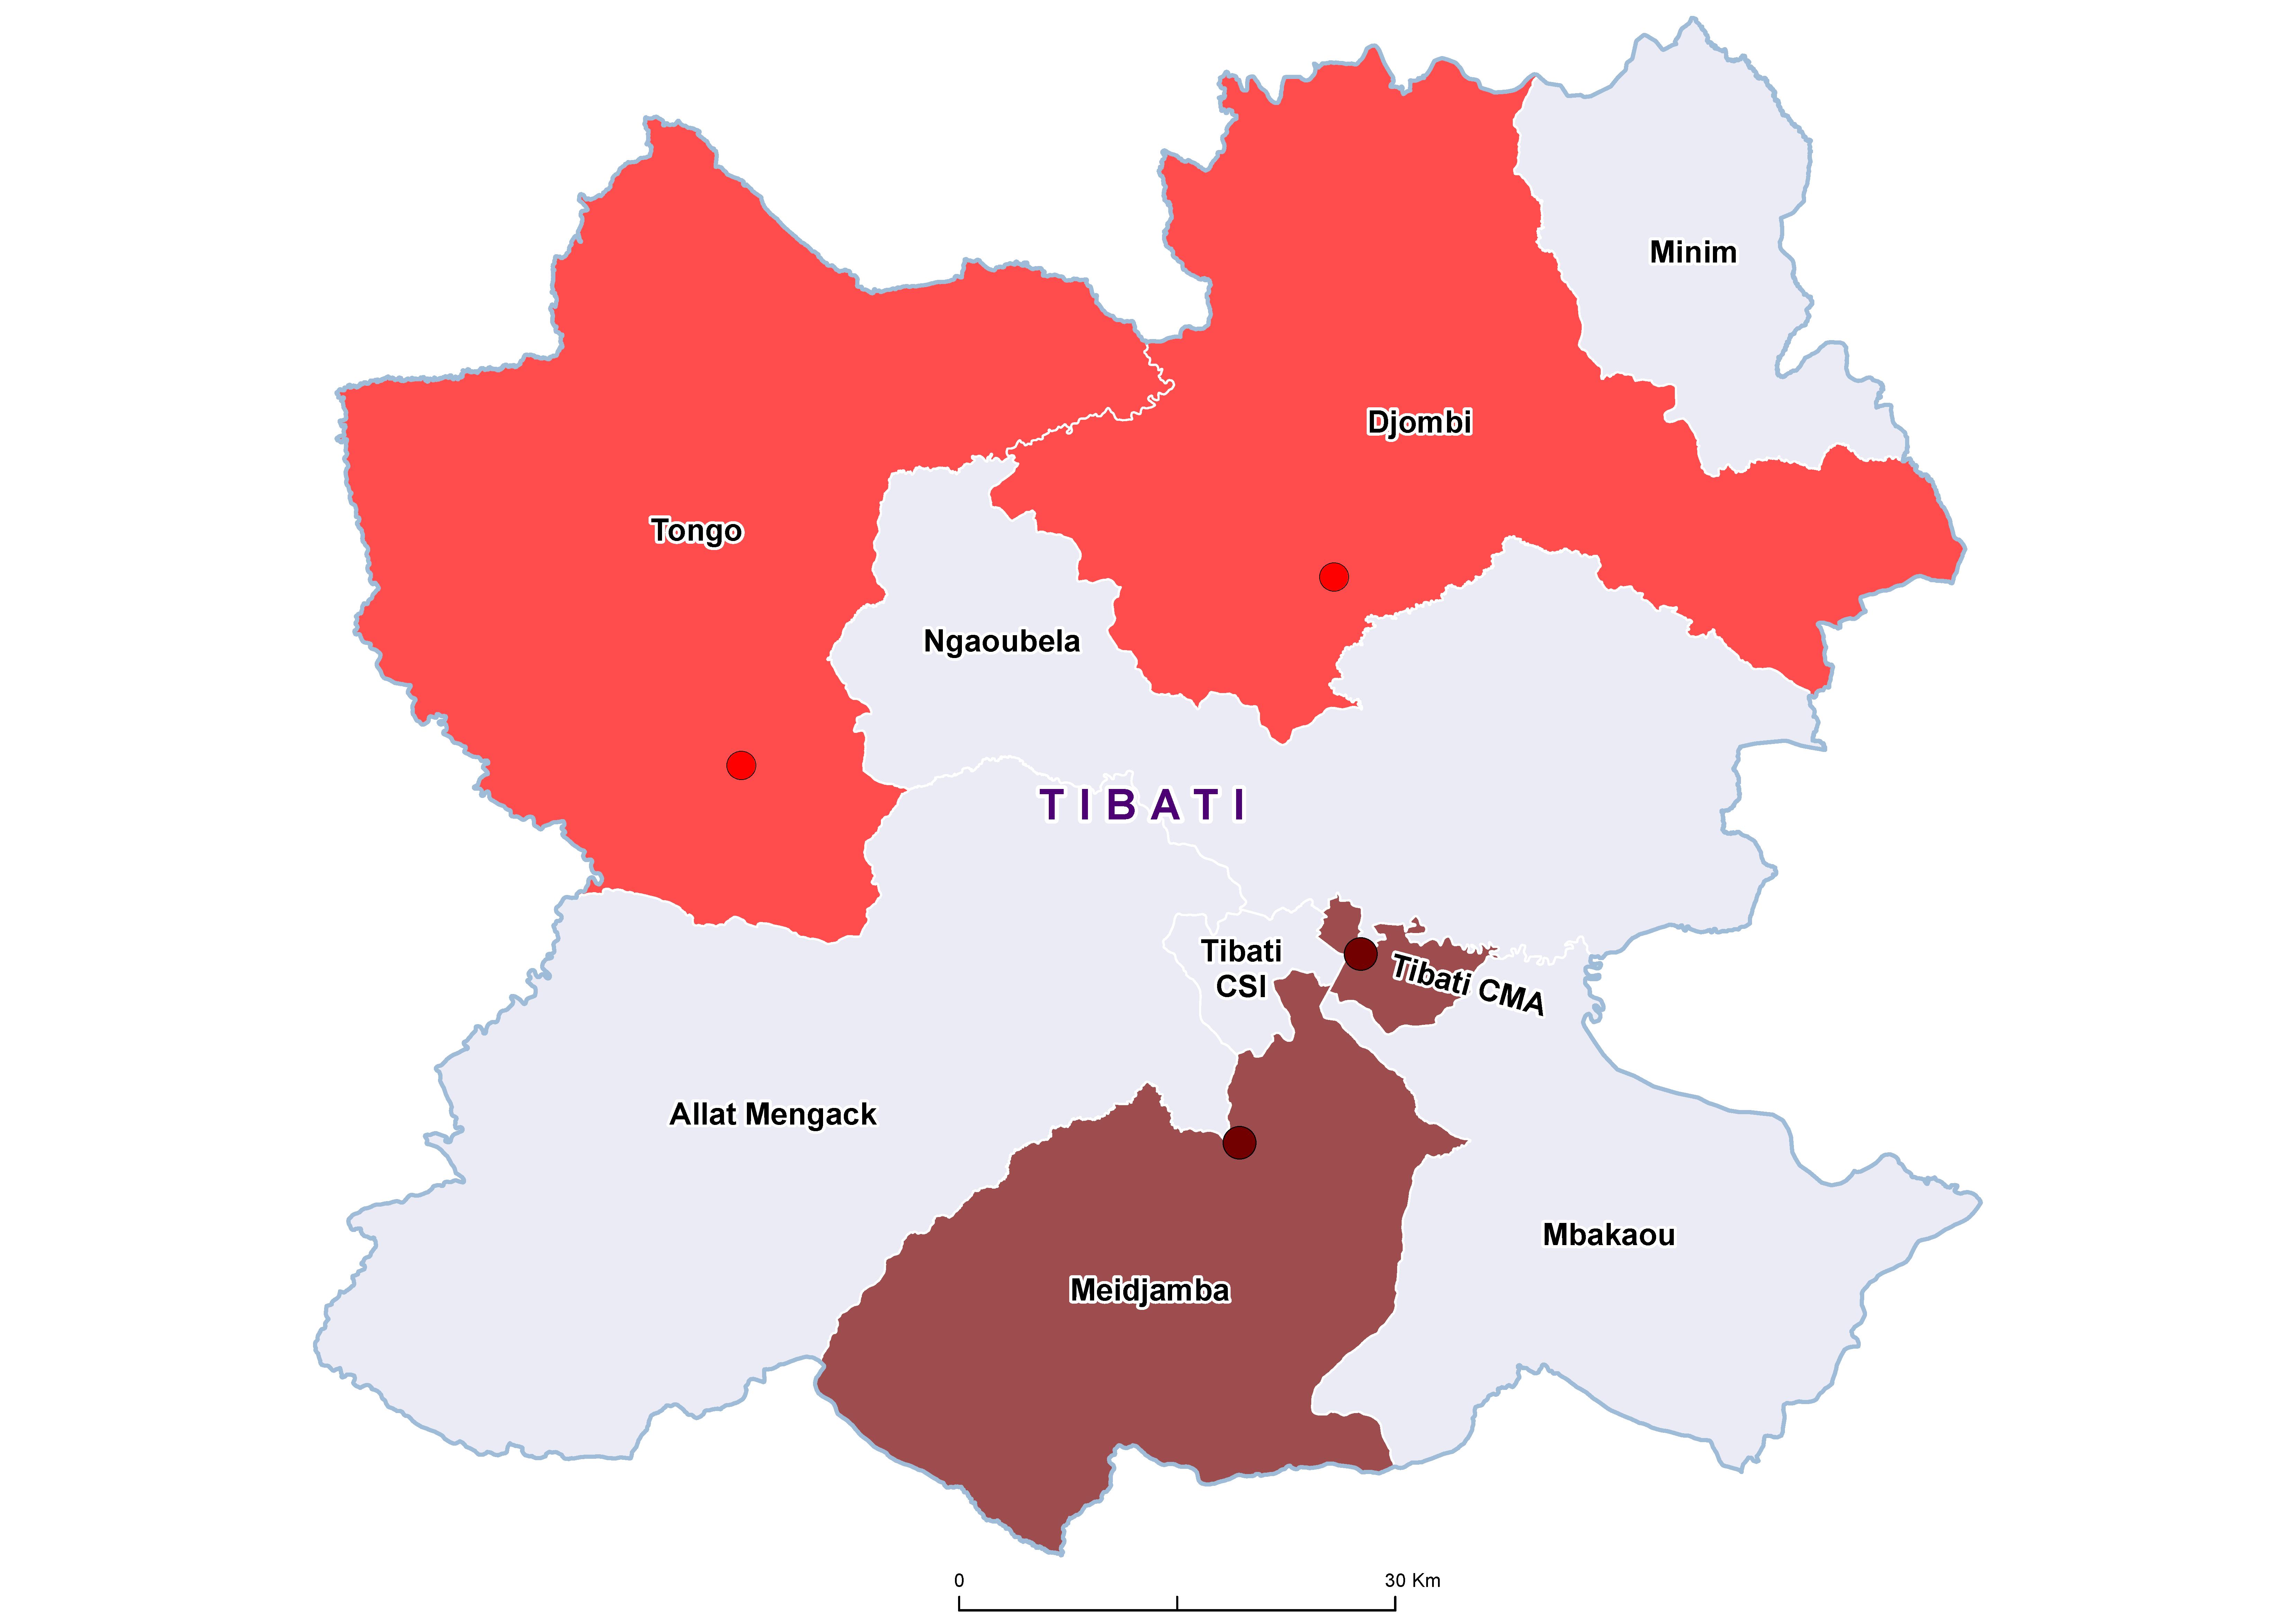 Tibati STH 19850001